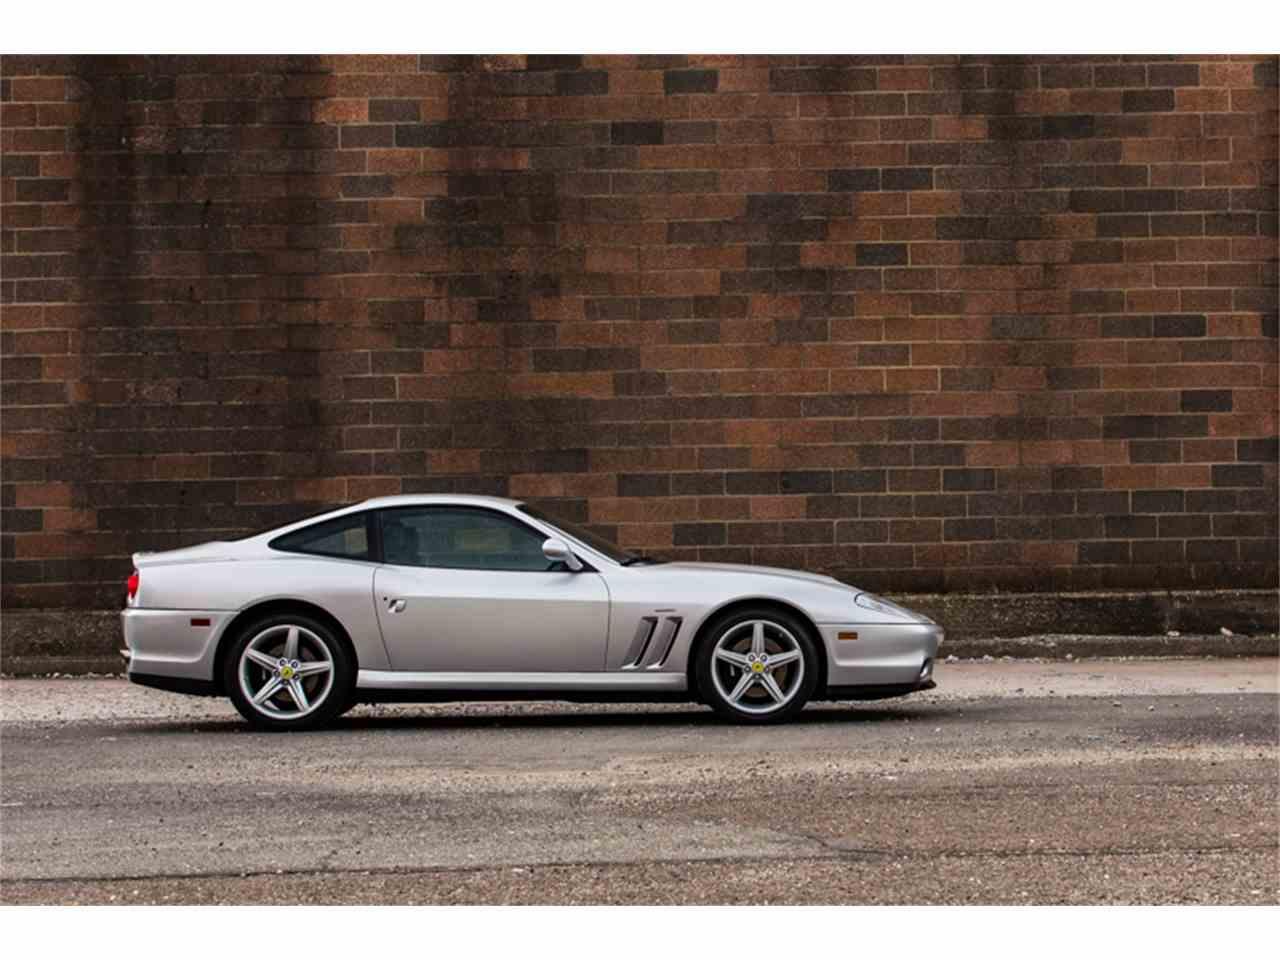 2002 Ferrari 575 Maranello for Sale - CC-965866